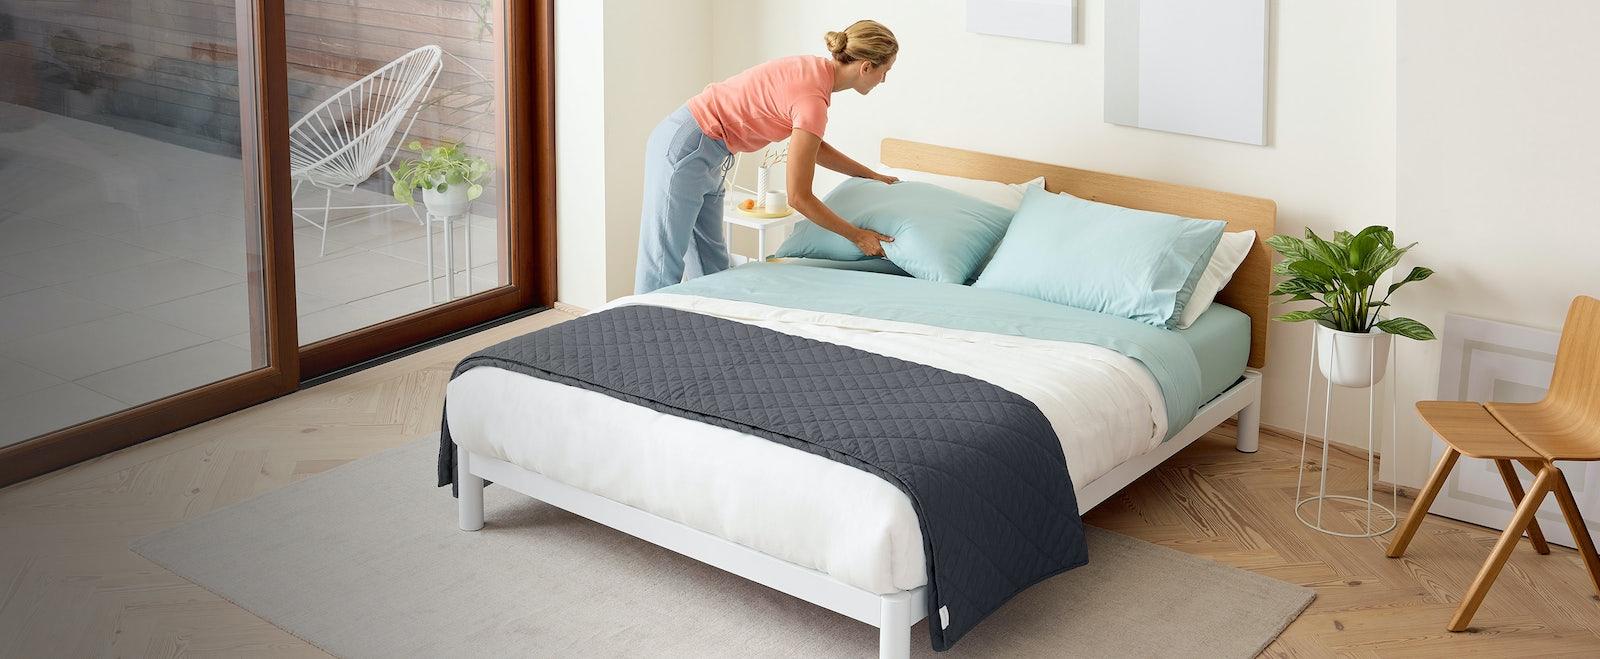 Casper Bed Sizes